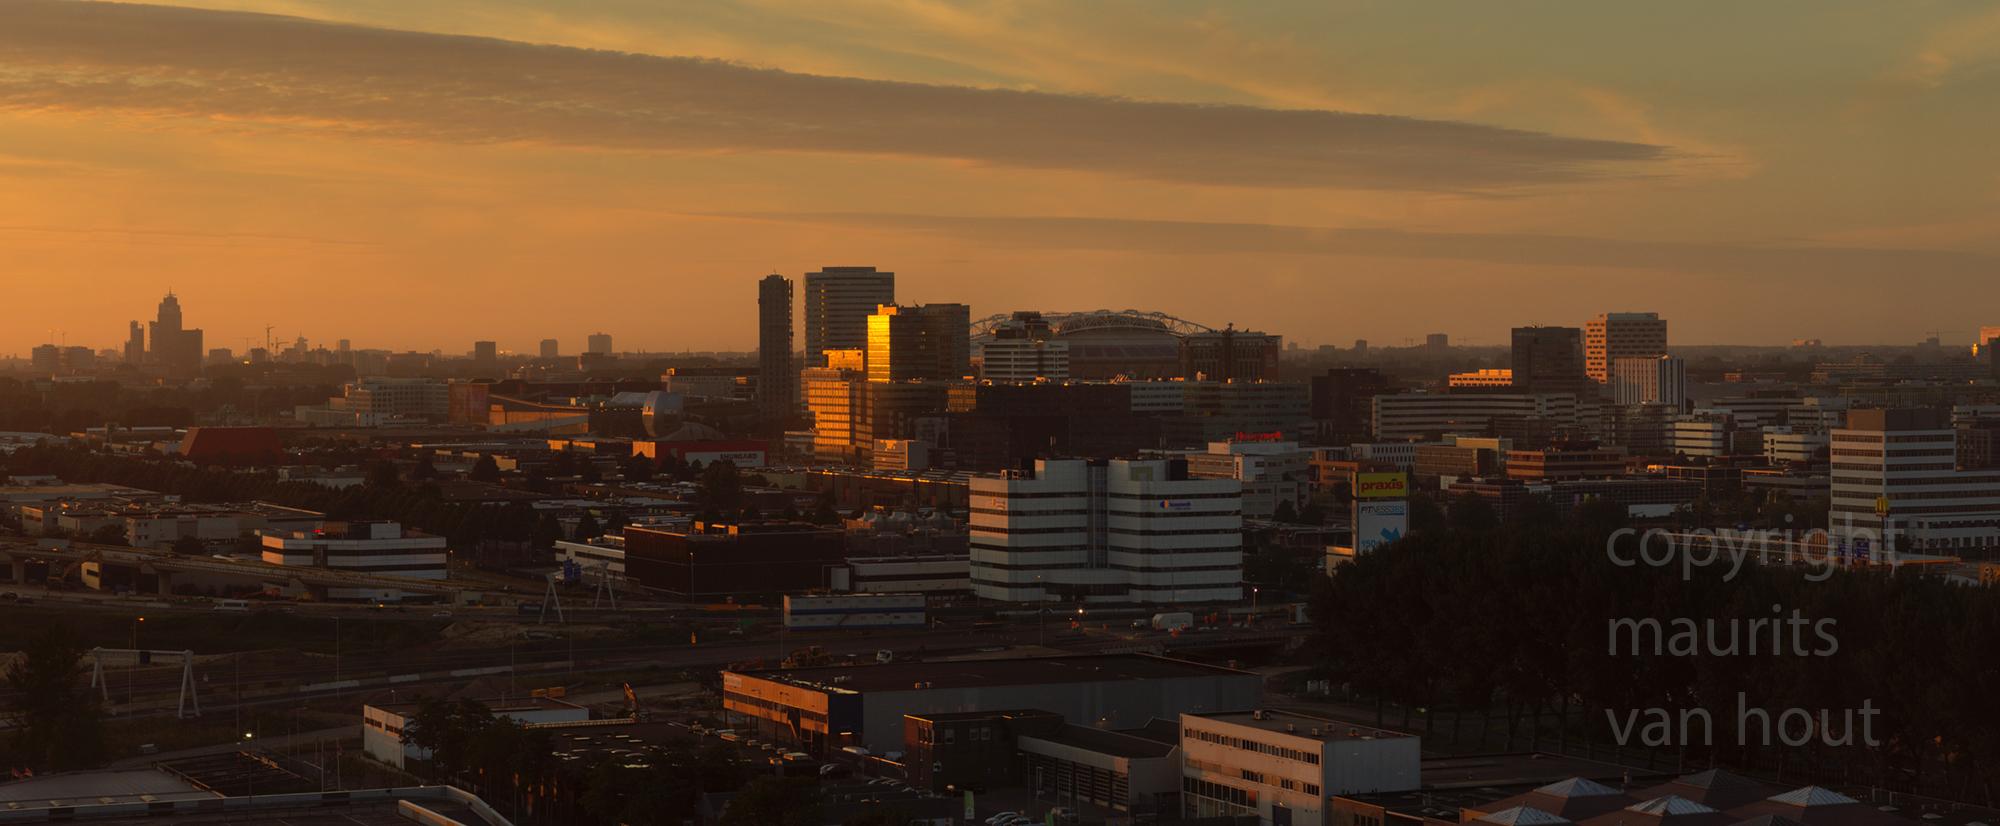 Voorbeeld van een illustratieve foto door fotograaf Maurits van Hout uit Den Haag (Rijswijk)